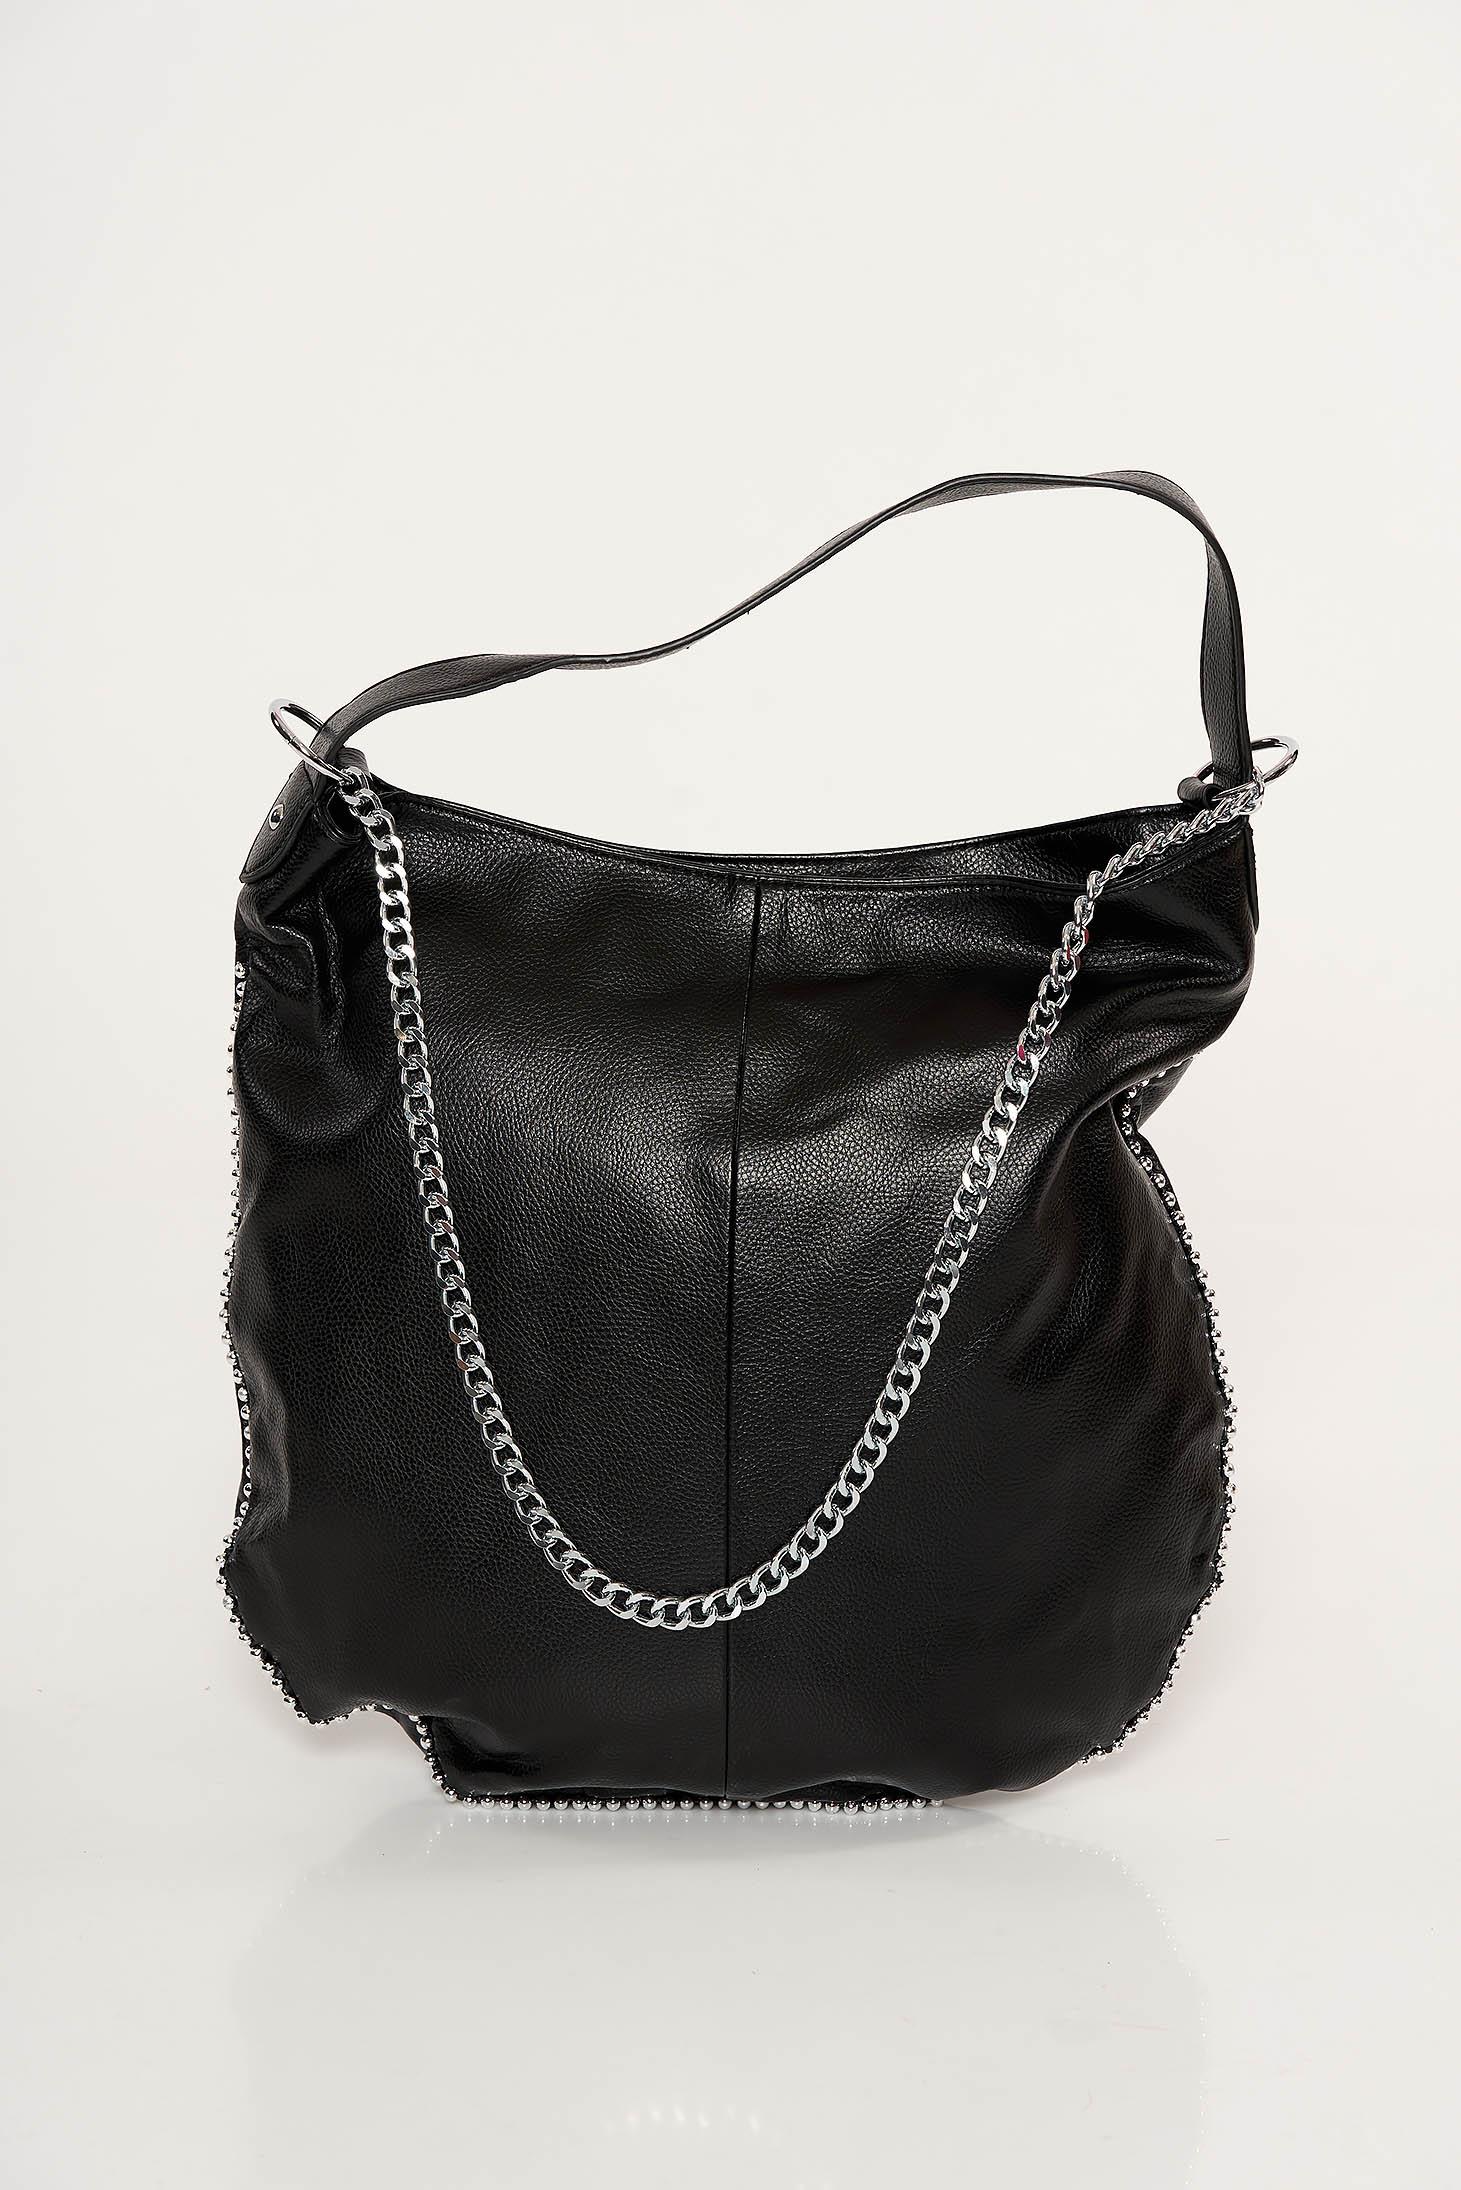 Geanta dama neagra casual din piele ecologica accesorizata cu lant metalic